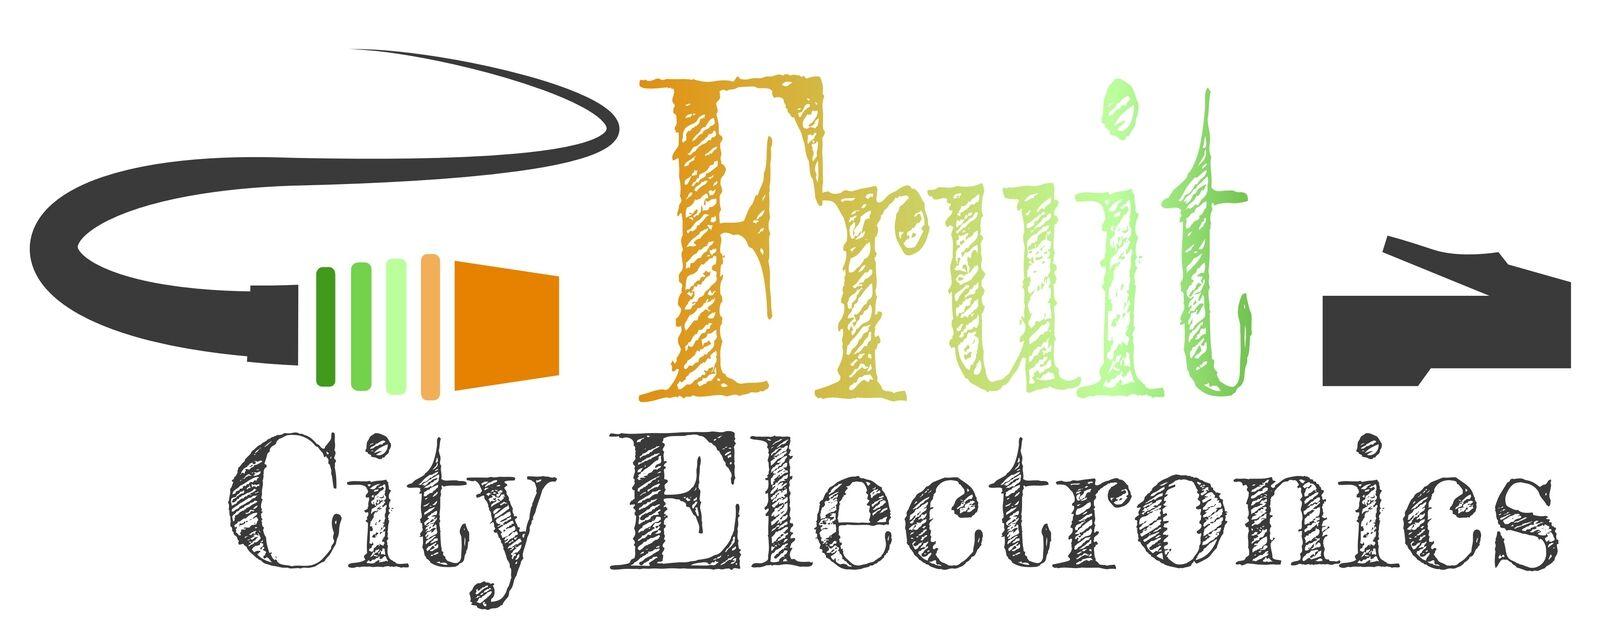 Fruit City Electronics